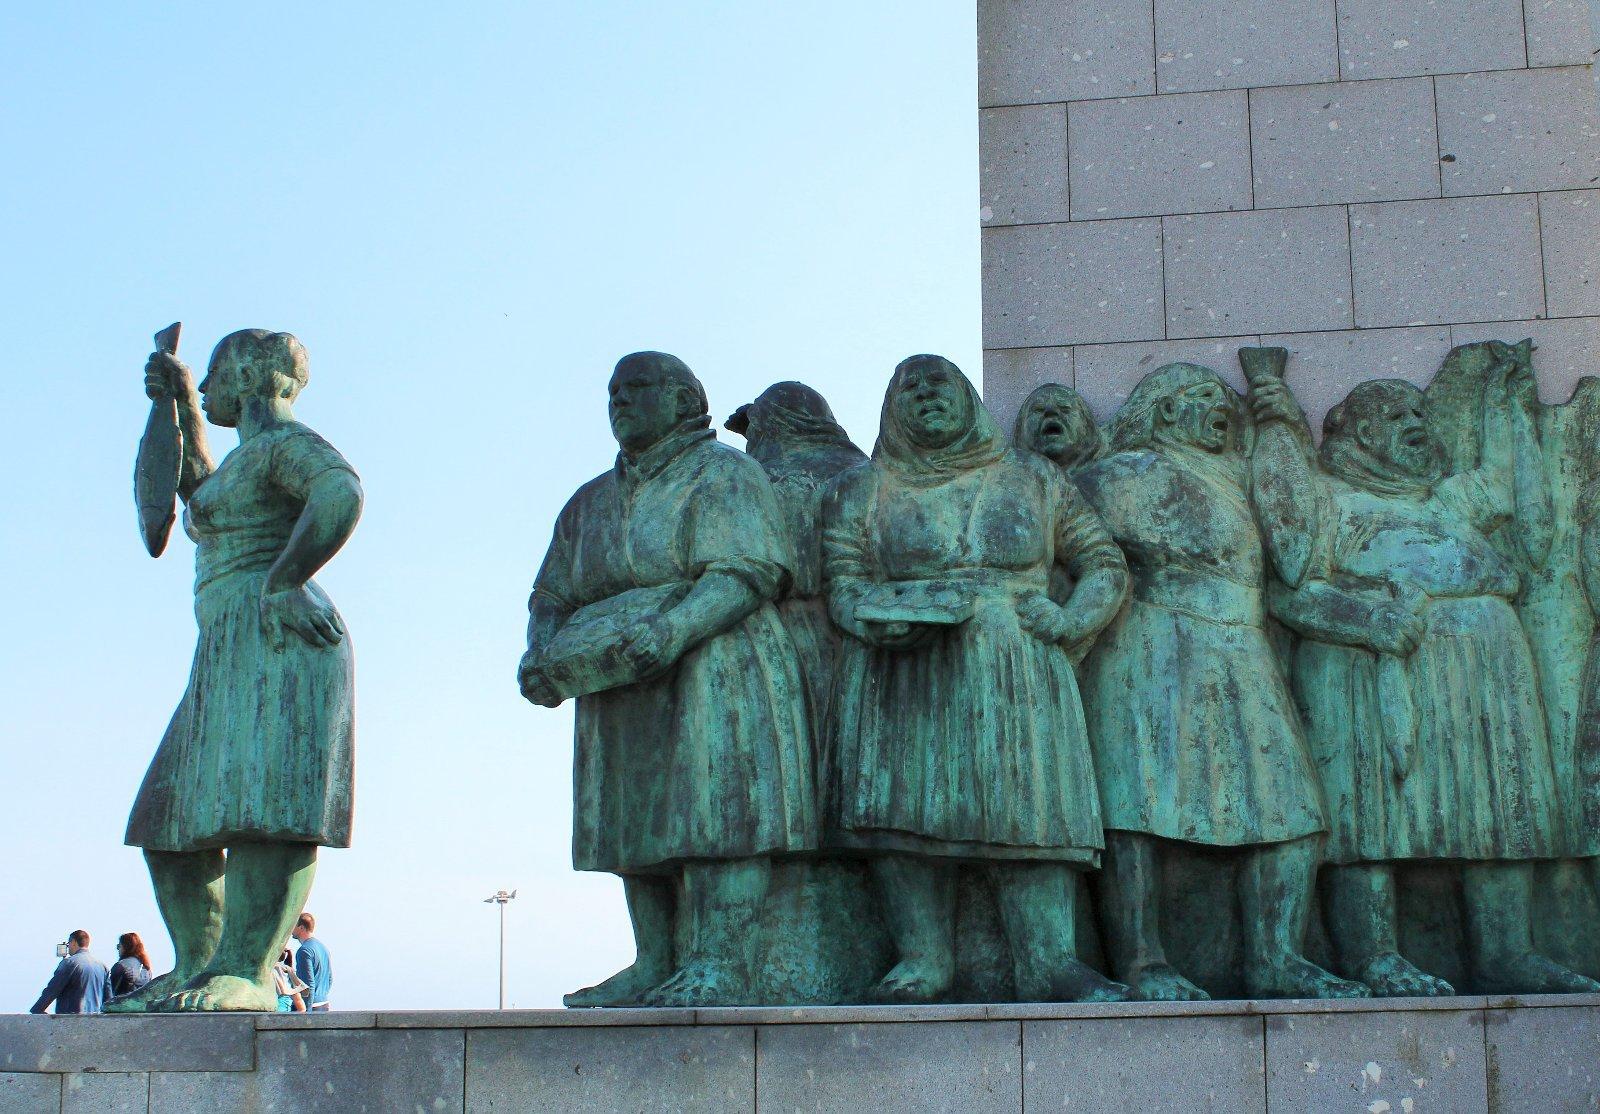 Памятник торговкам рыбы в Повуа-ди-Варзин, фото Стасмир, photo Stasmir